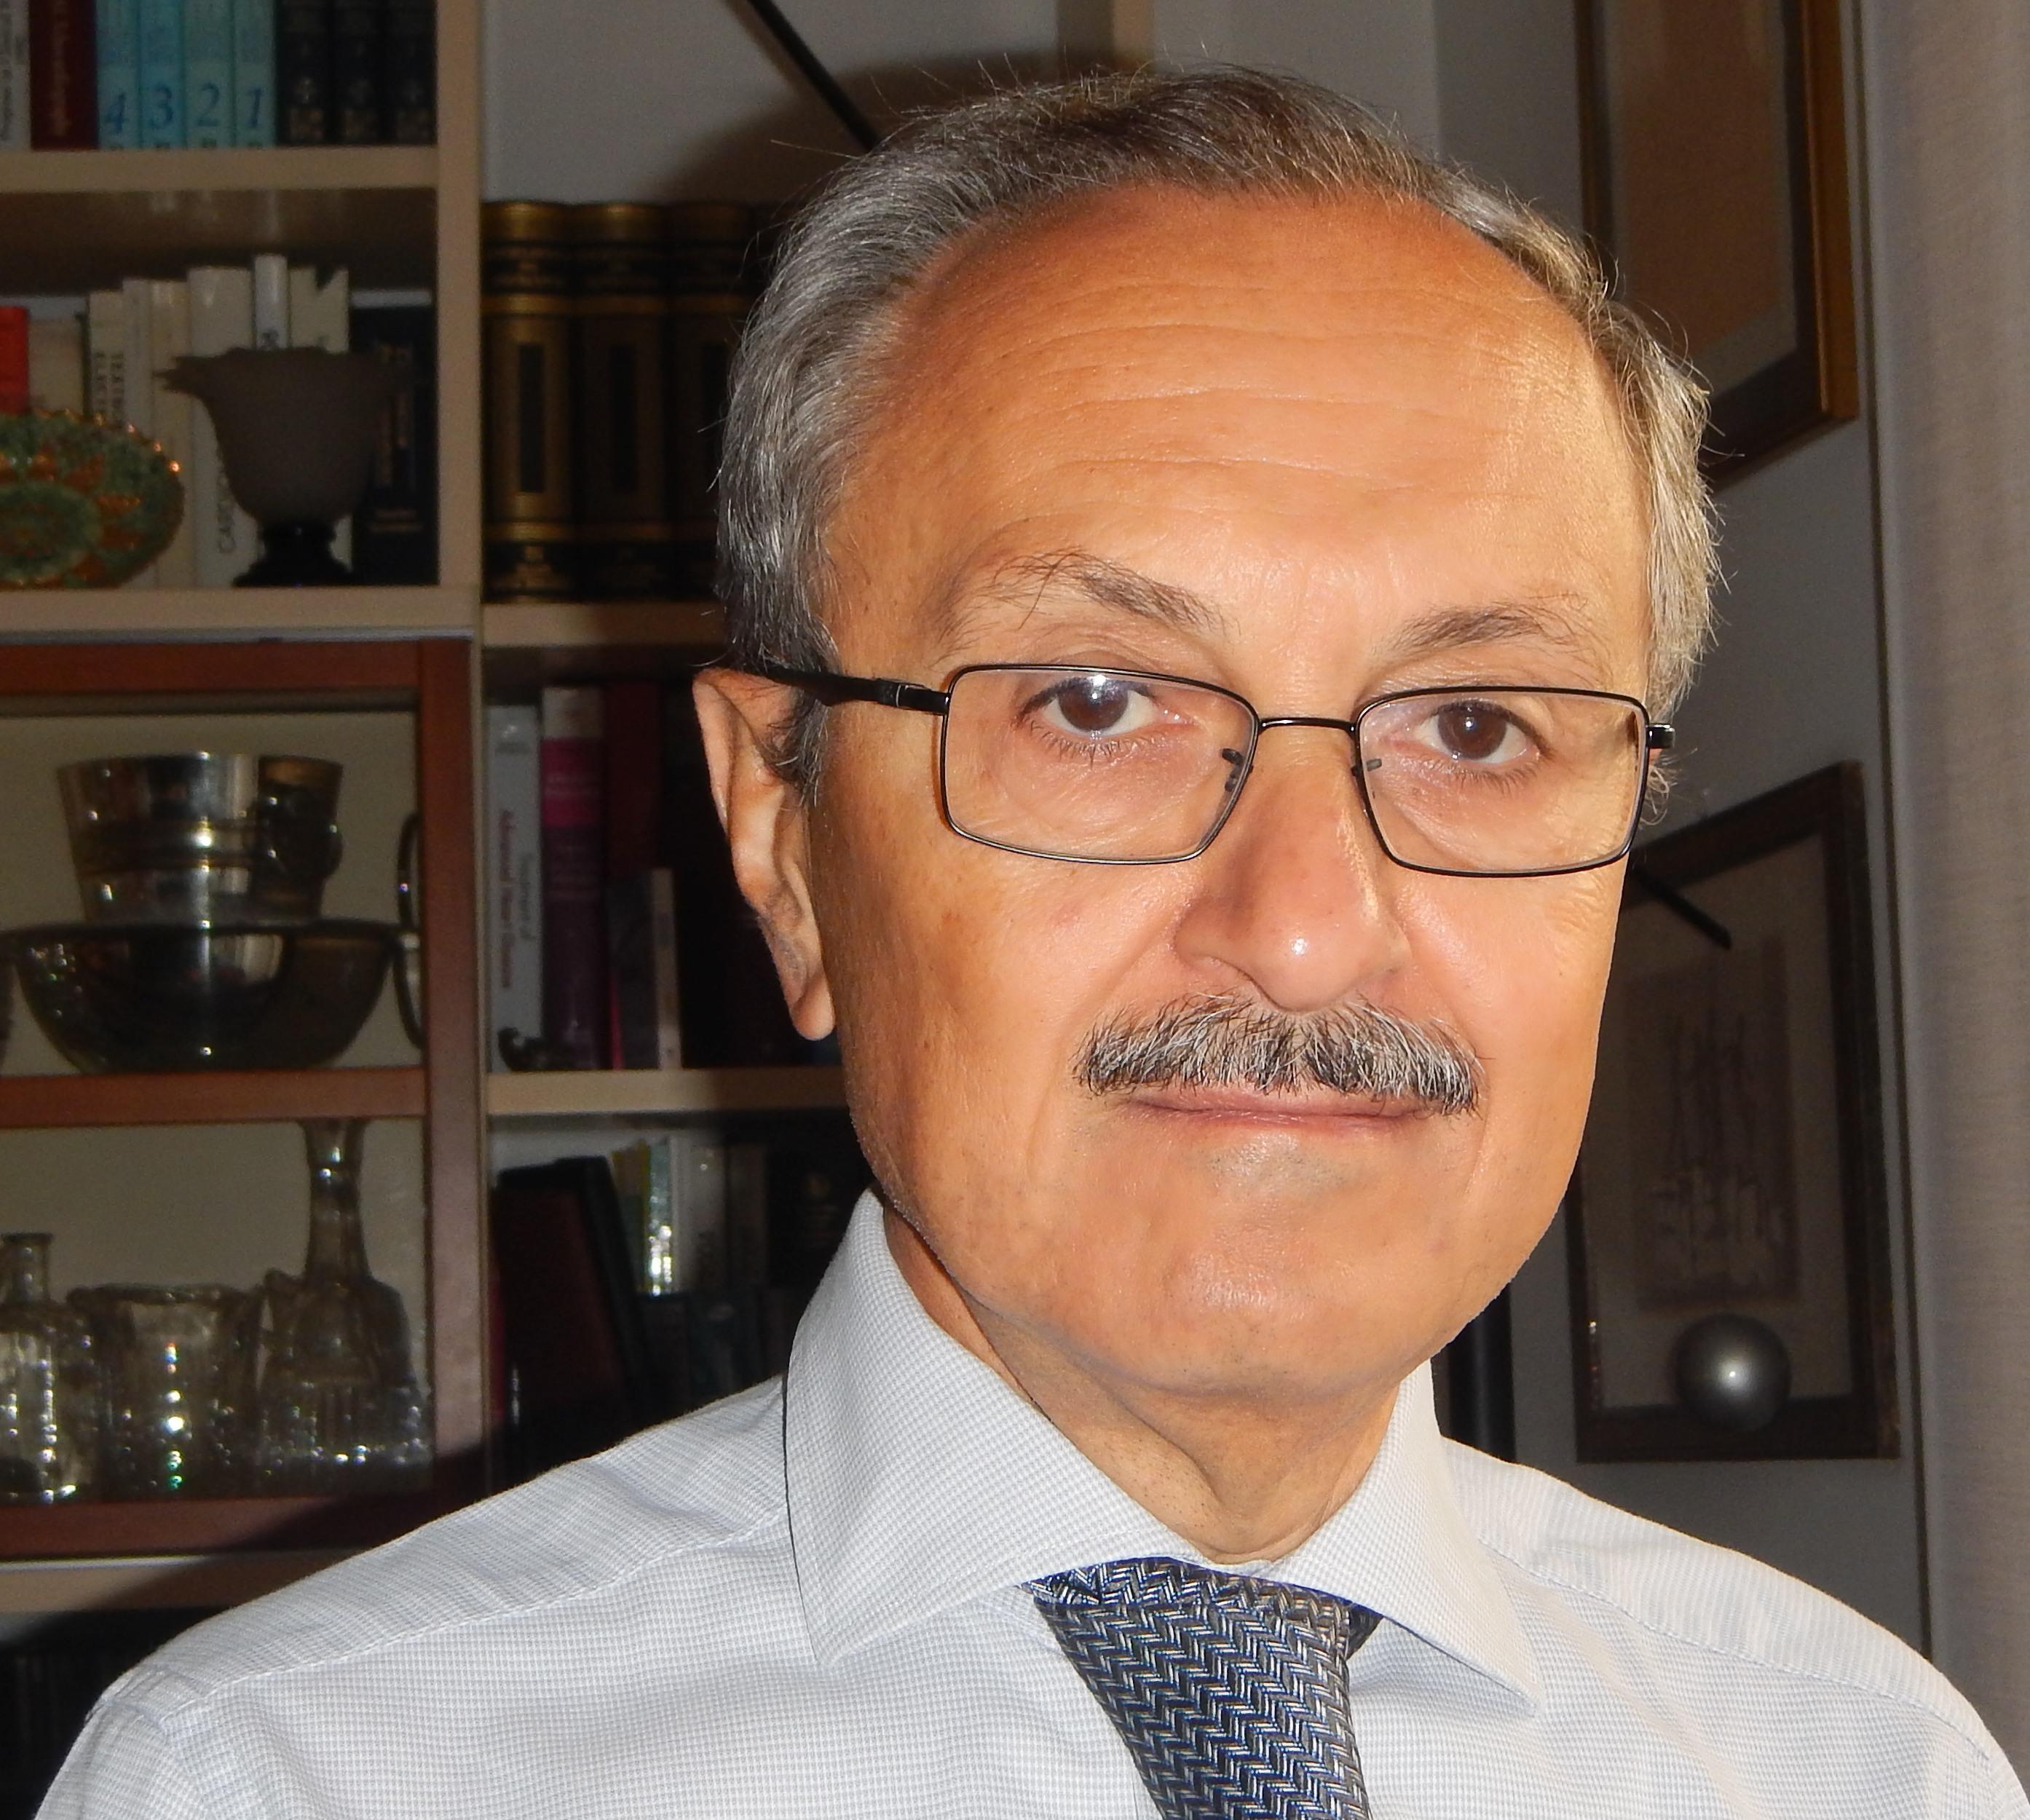 Dott. Giuseppe Cacciatore